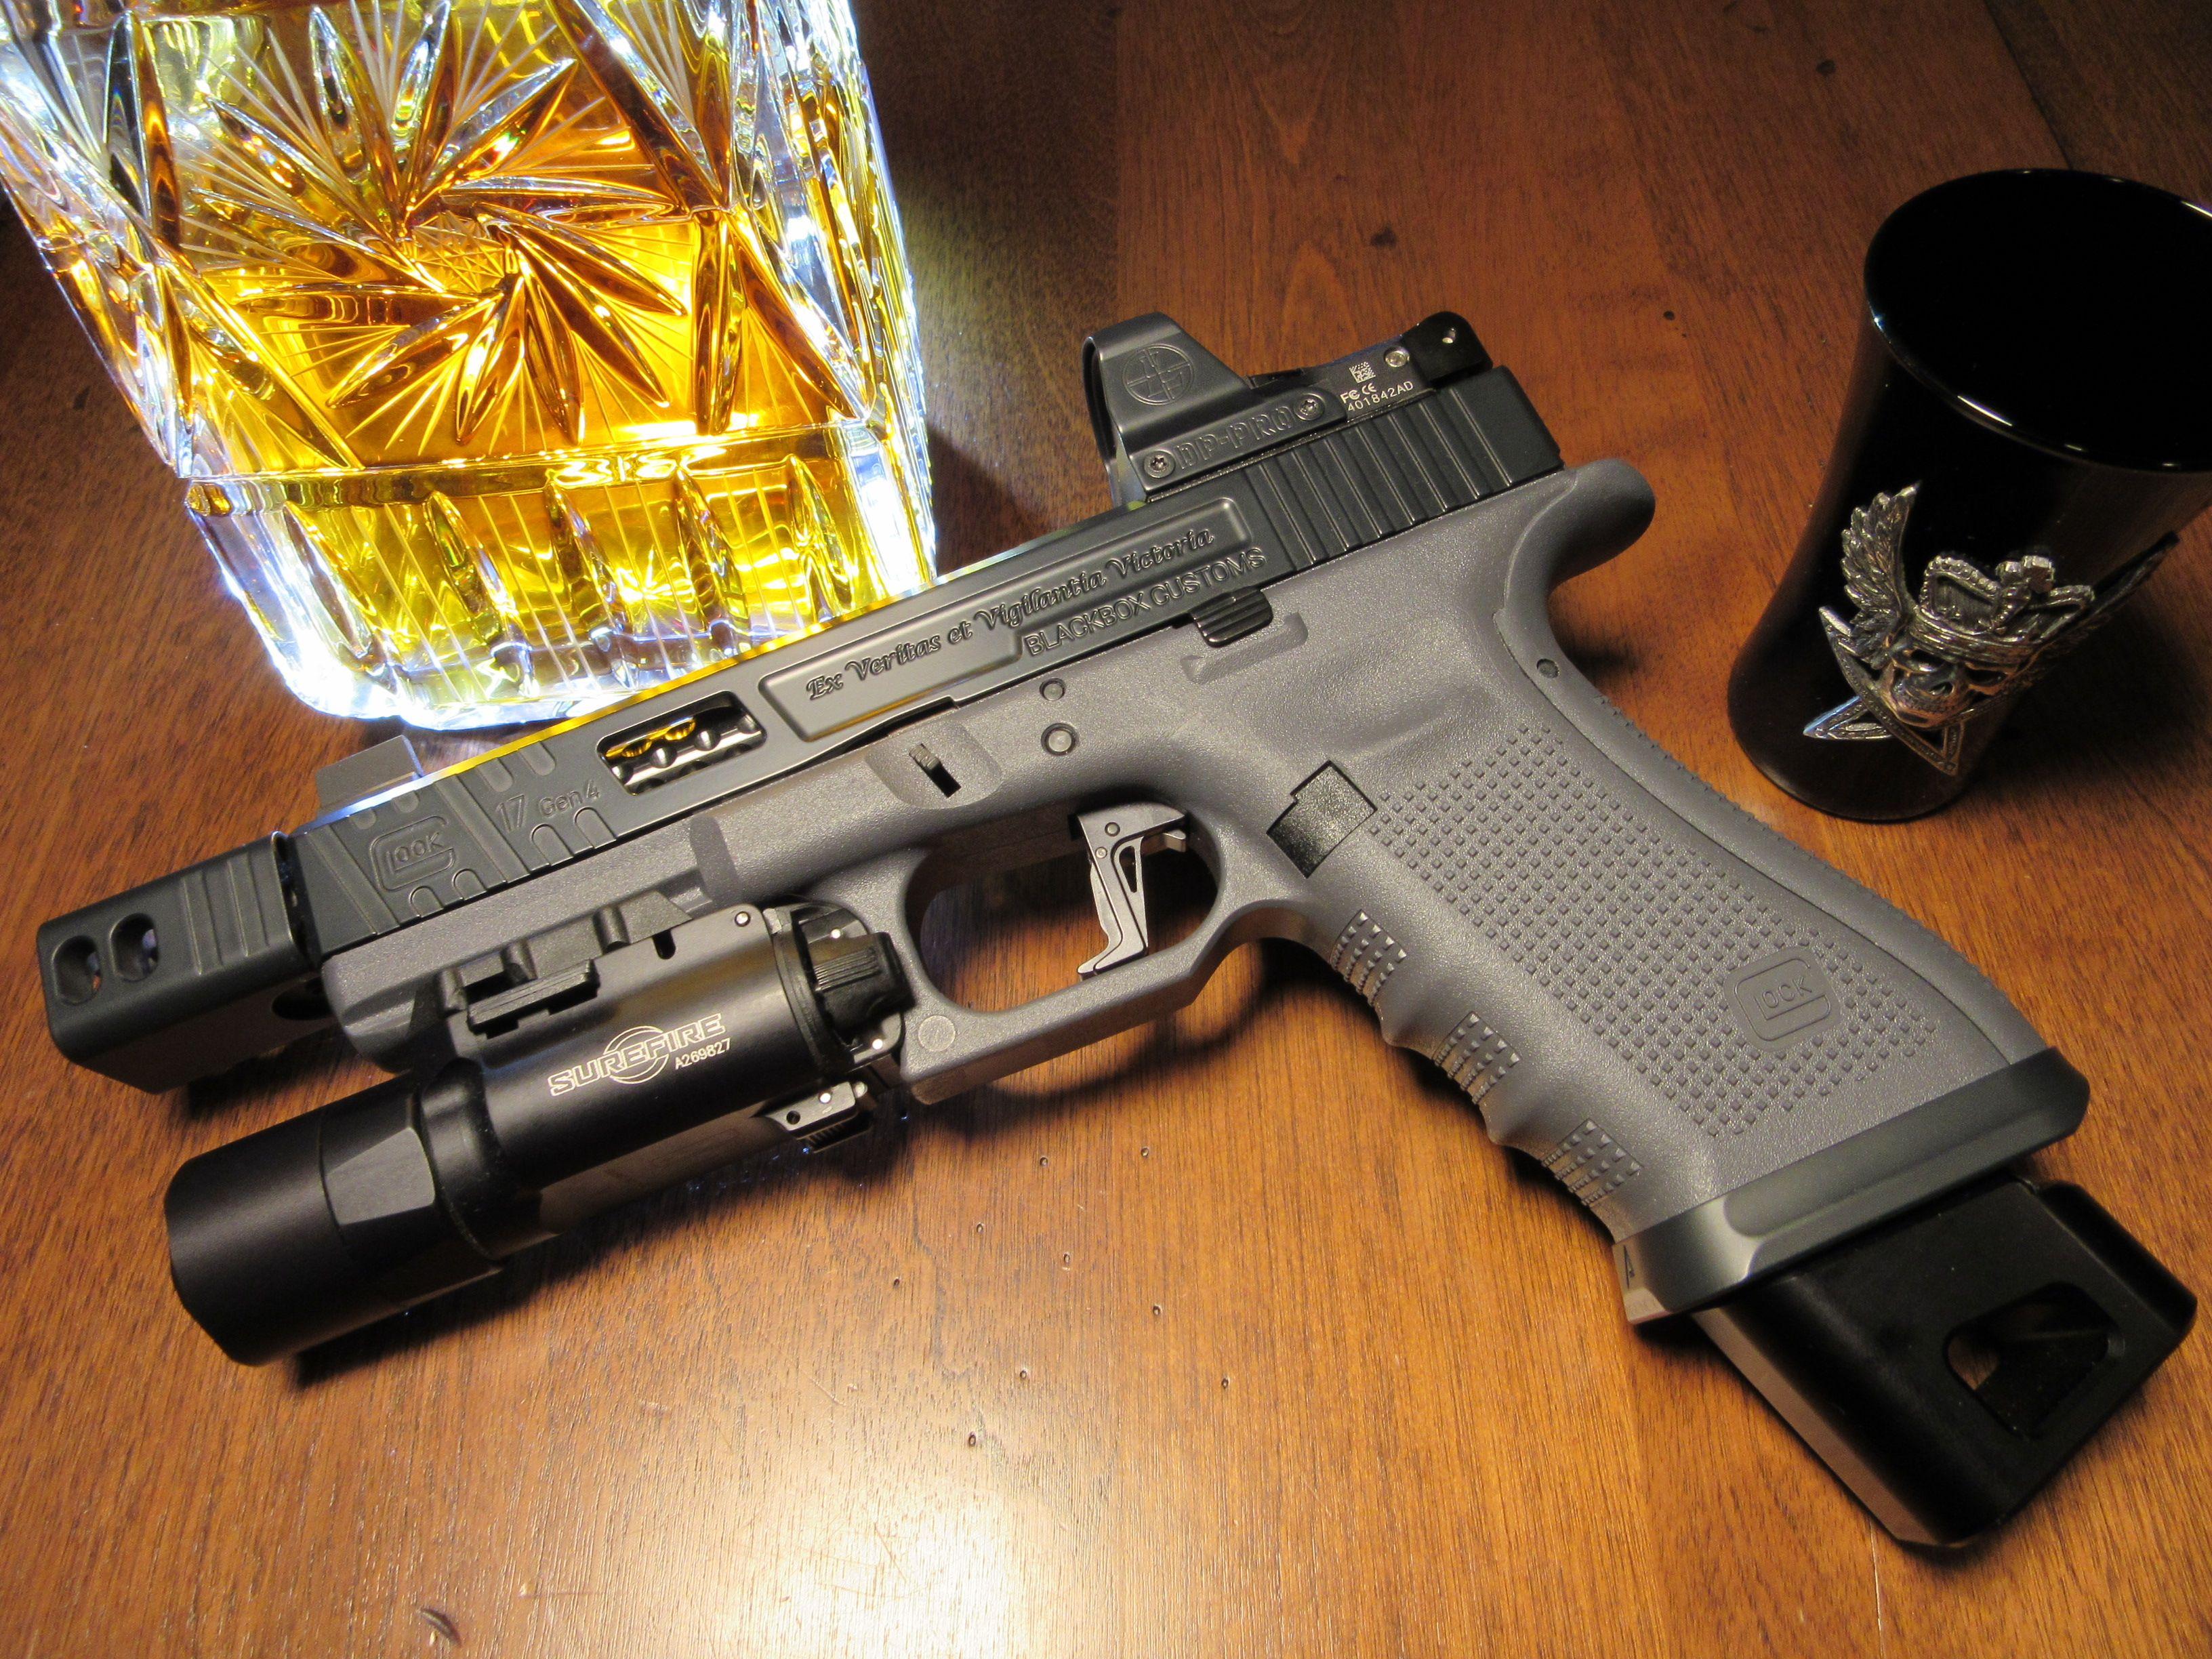 Glock 17 Gen 4, Compensator, Leupold DP Pro, Surefire X300